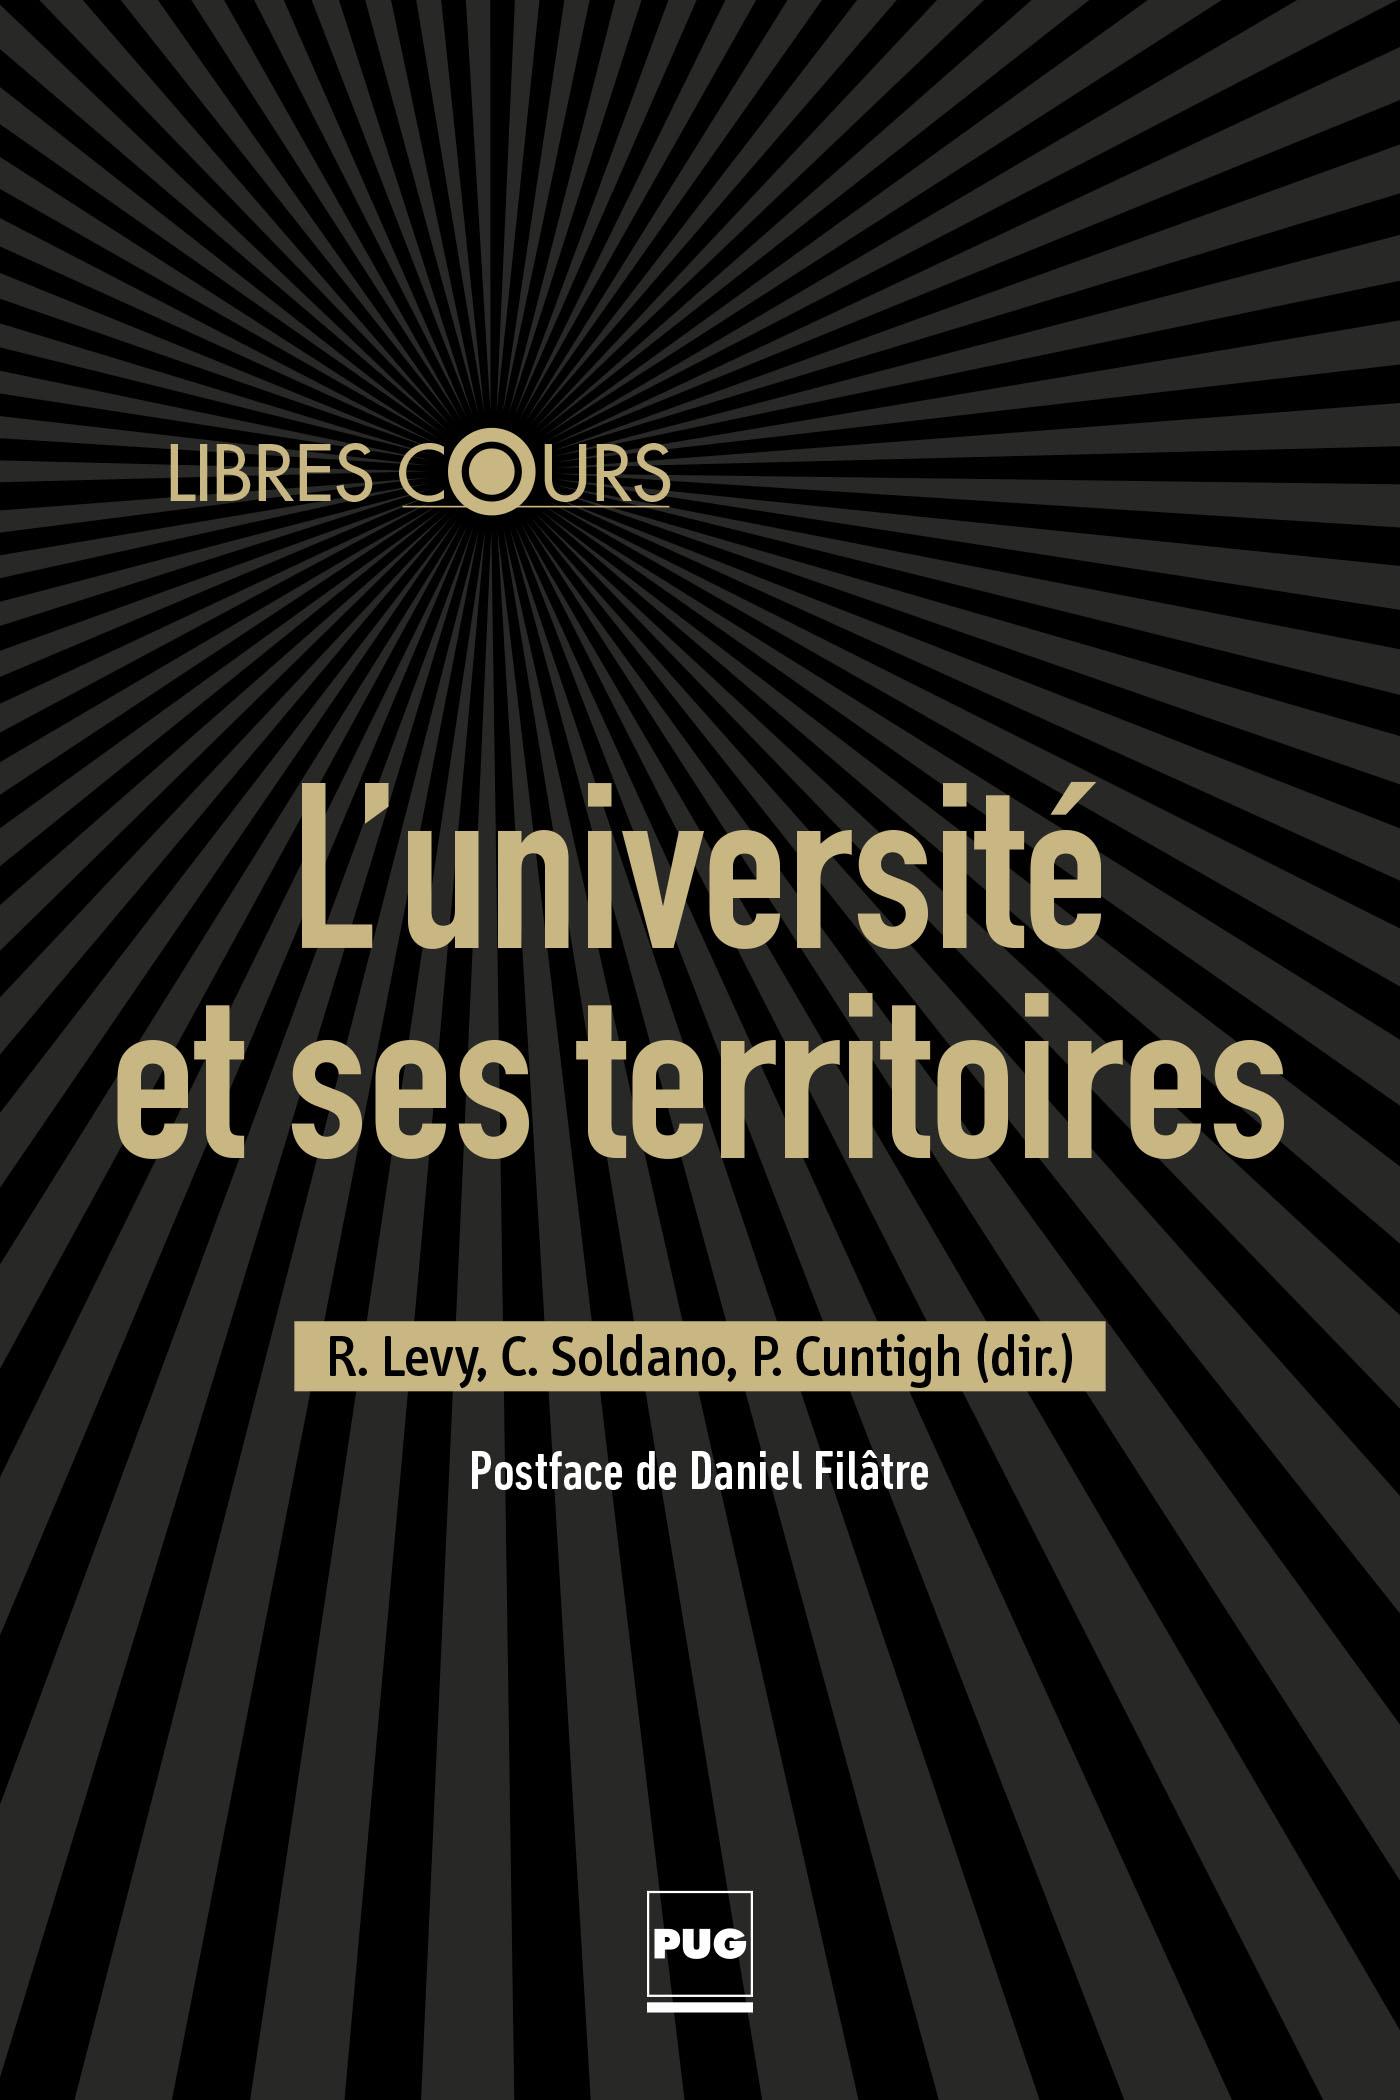 L'Université et ses territoires